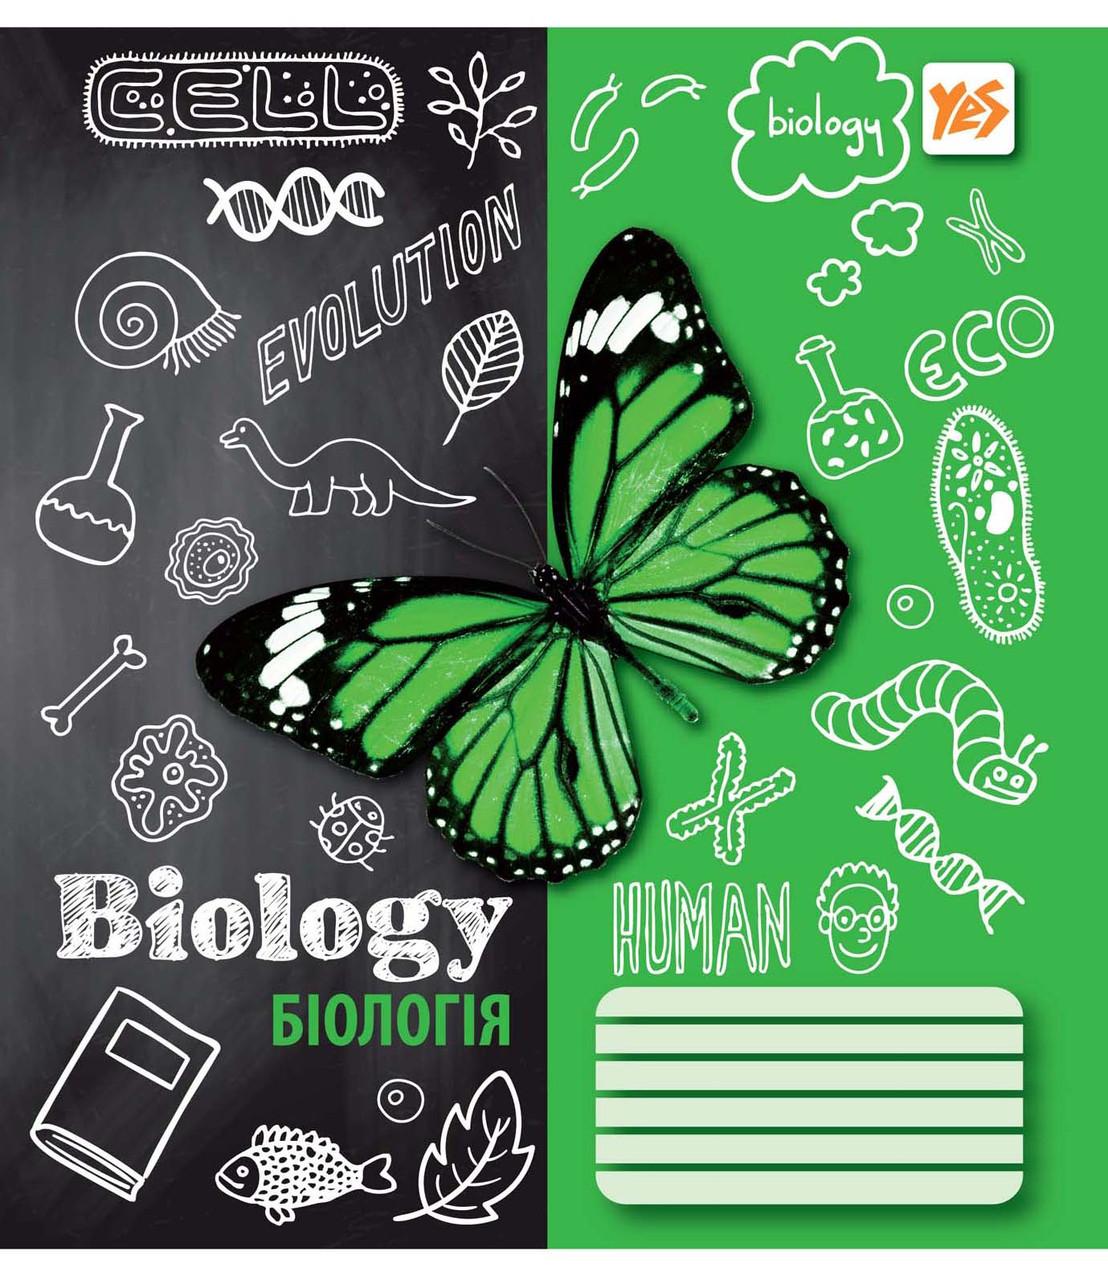 А5/48 кл. YES ПРЕДМЕТКА - БІОЛОГІЯ (Sketch science) зошит учнів.